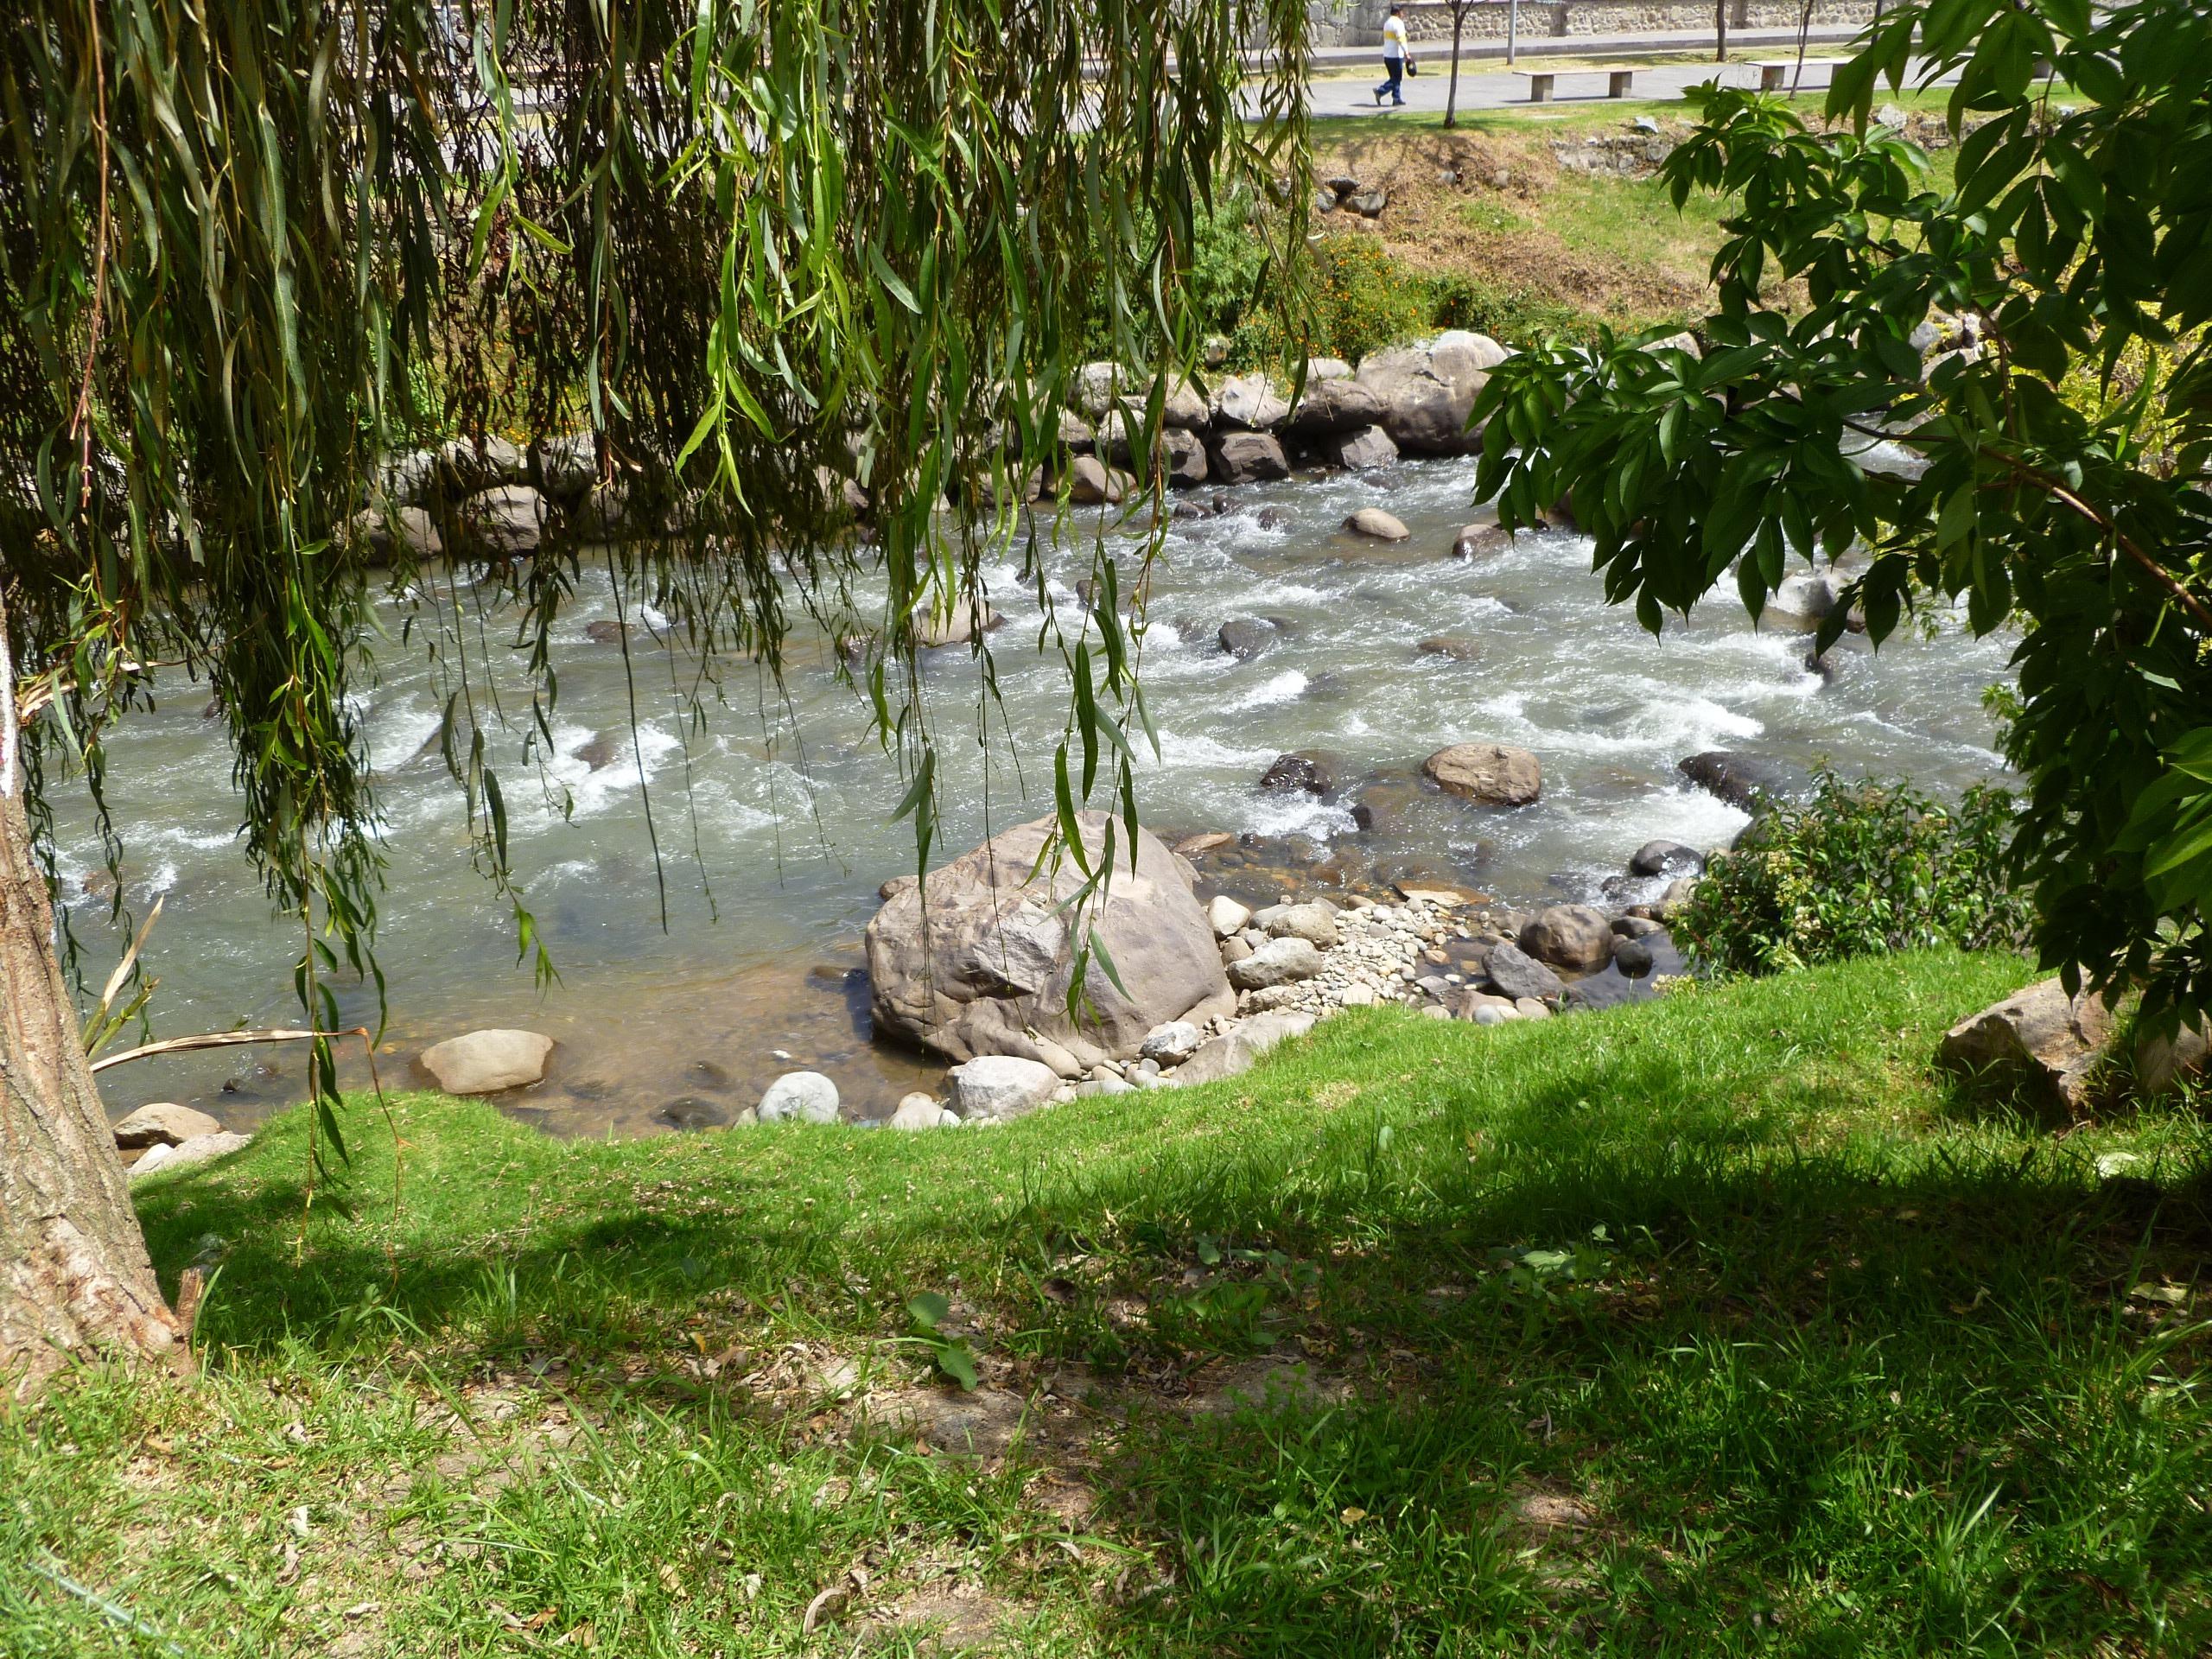 landschaft wasser natur fluss reise teich strom landschaft hinterhof botanik garten gewsser wasser funktion wasserlauf - Hinterhof Landschaften Bilder